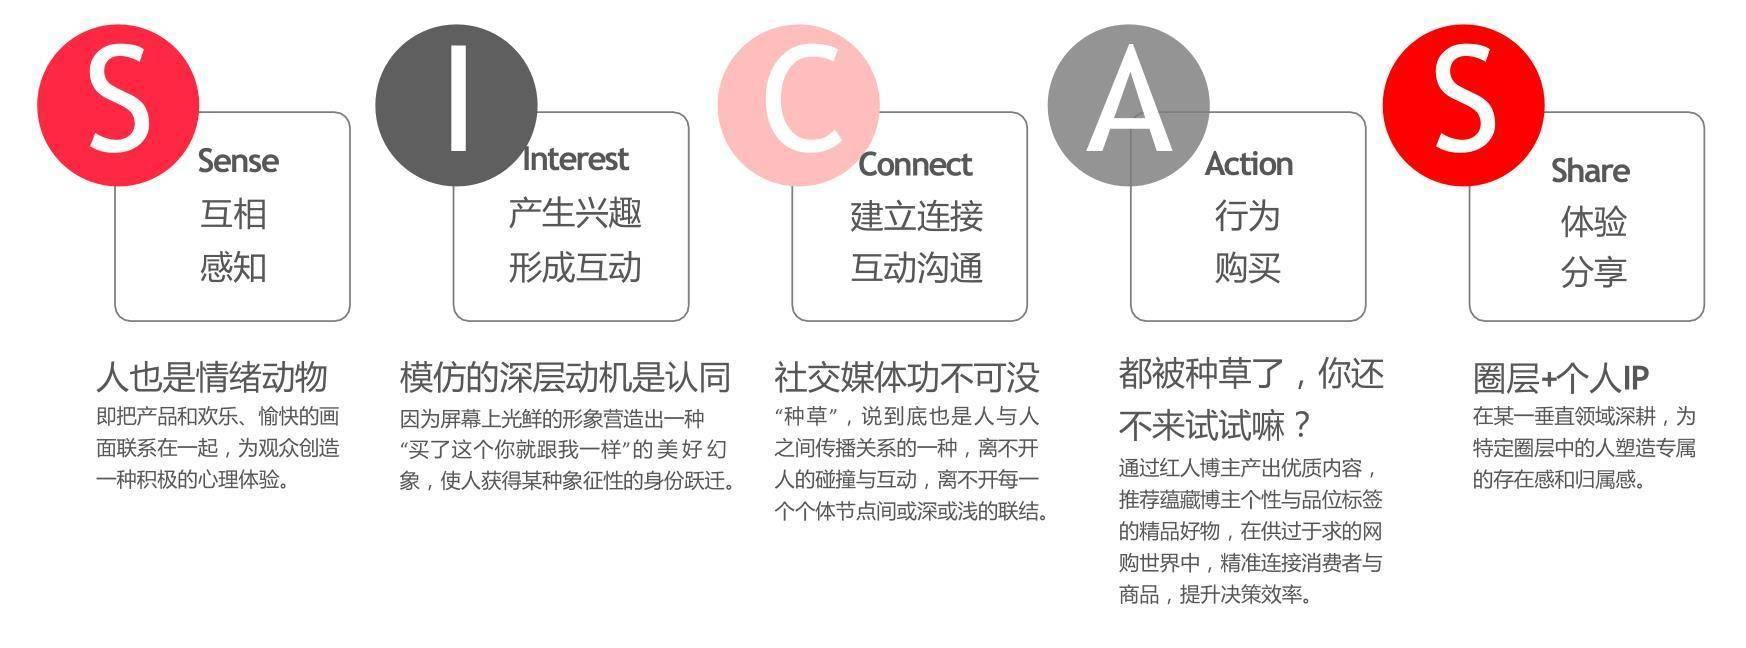 鸟哥笔记,广告营销策略,广告人李四,整合营销,小红书,营销洞察